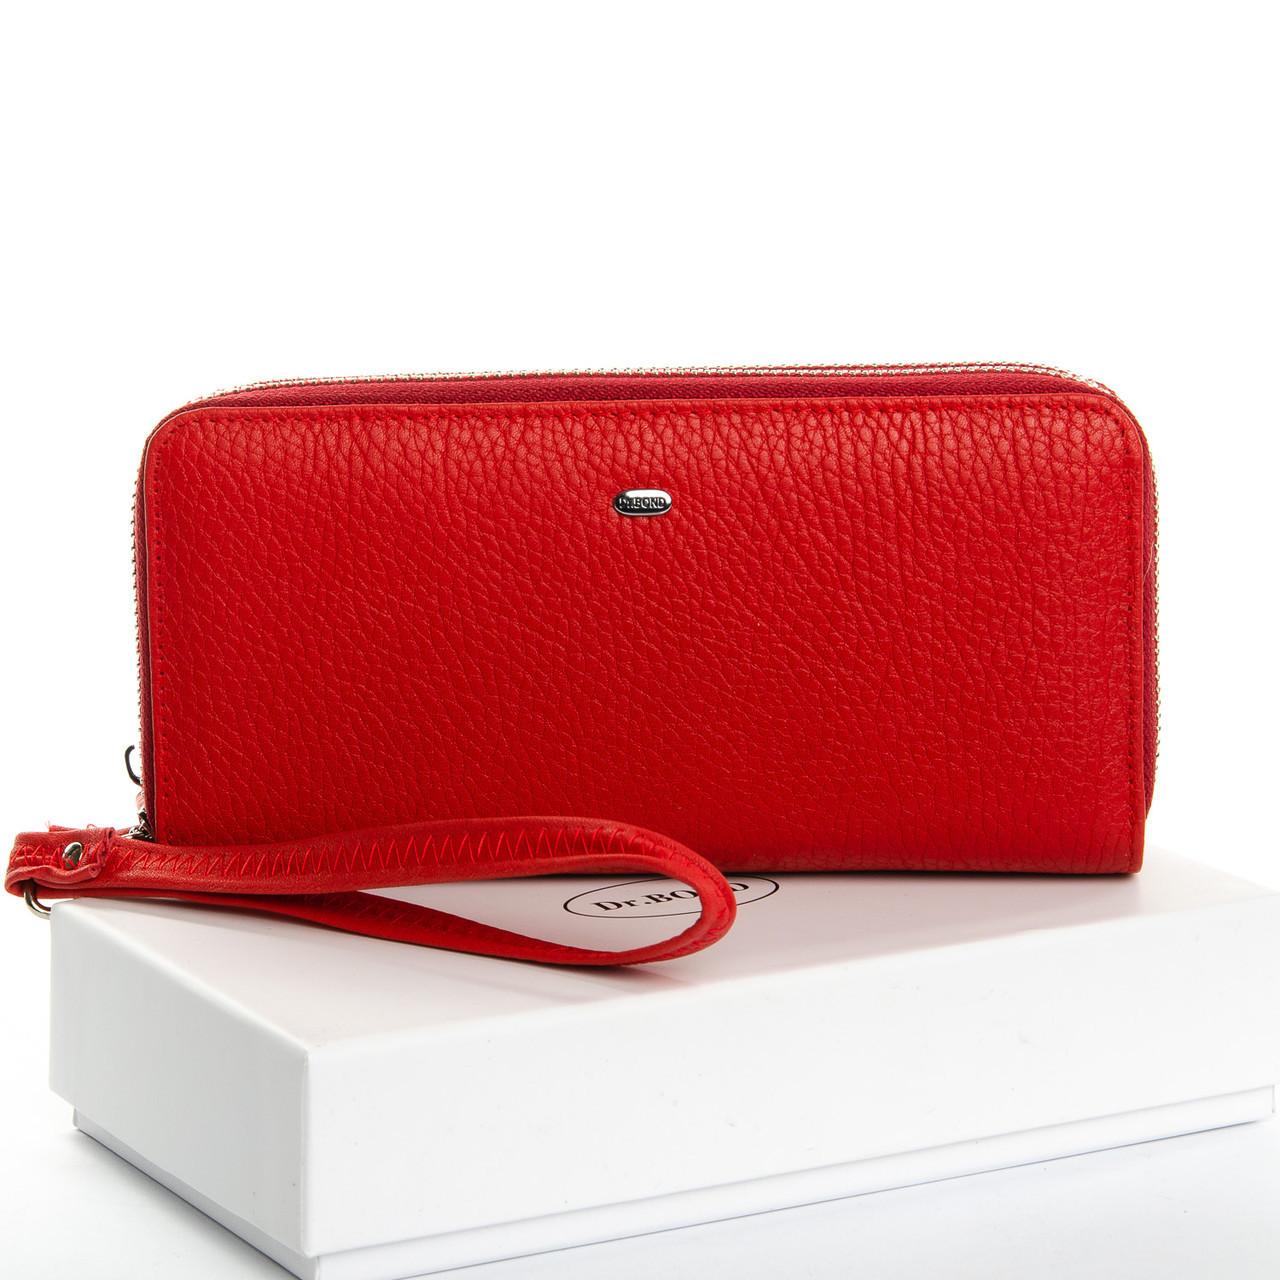 Большой кошелек клатч из натуральной кожи DR. BOND разные цвета 3650